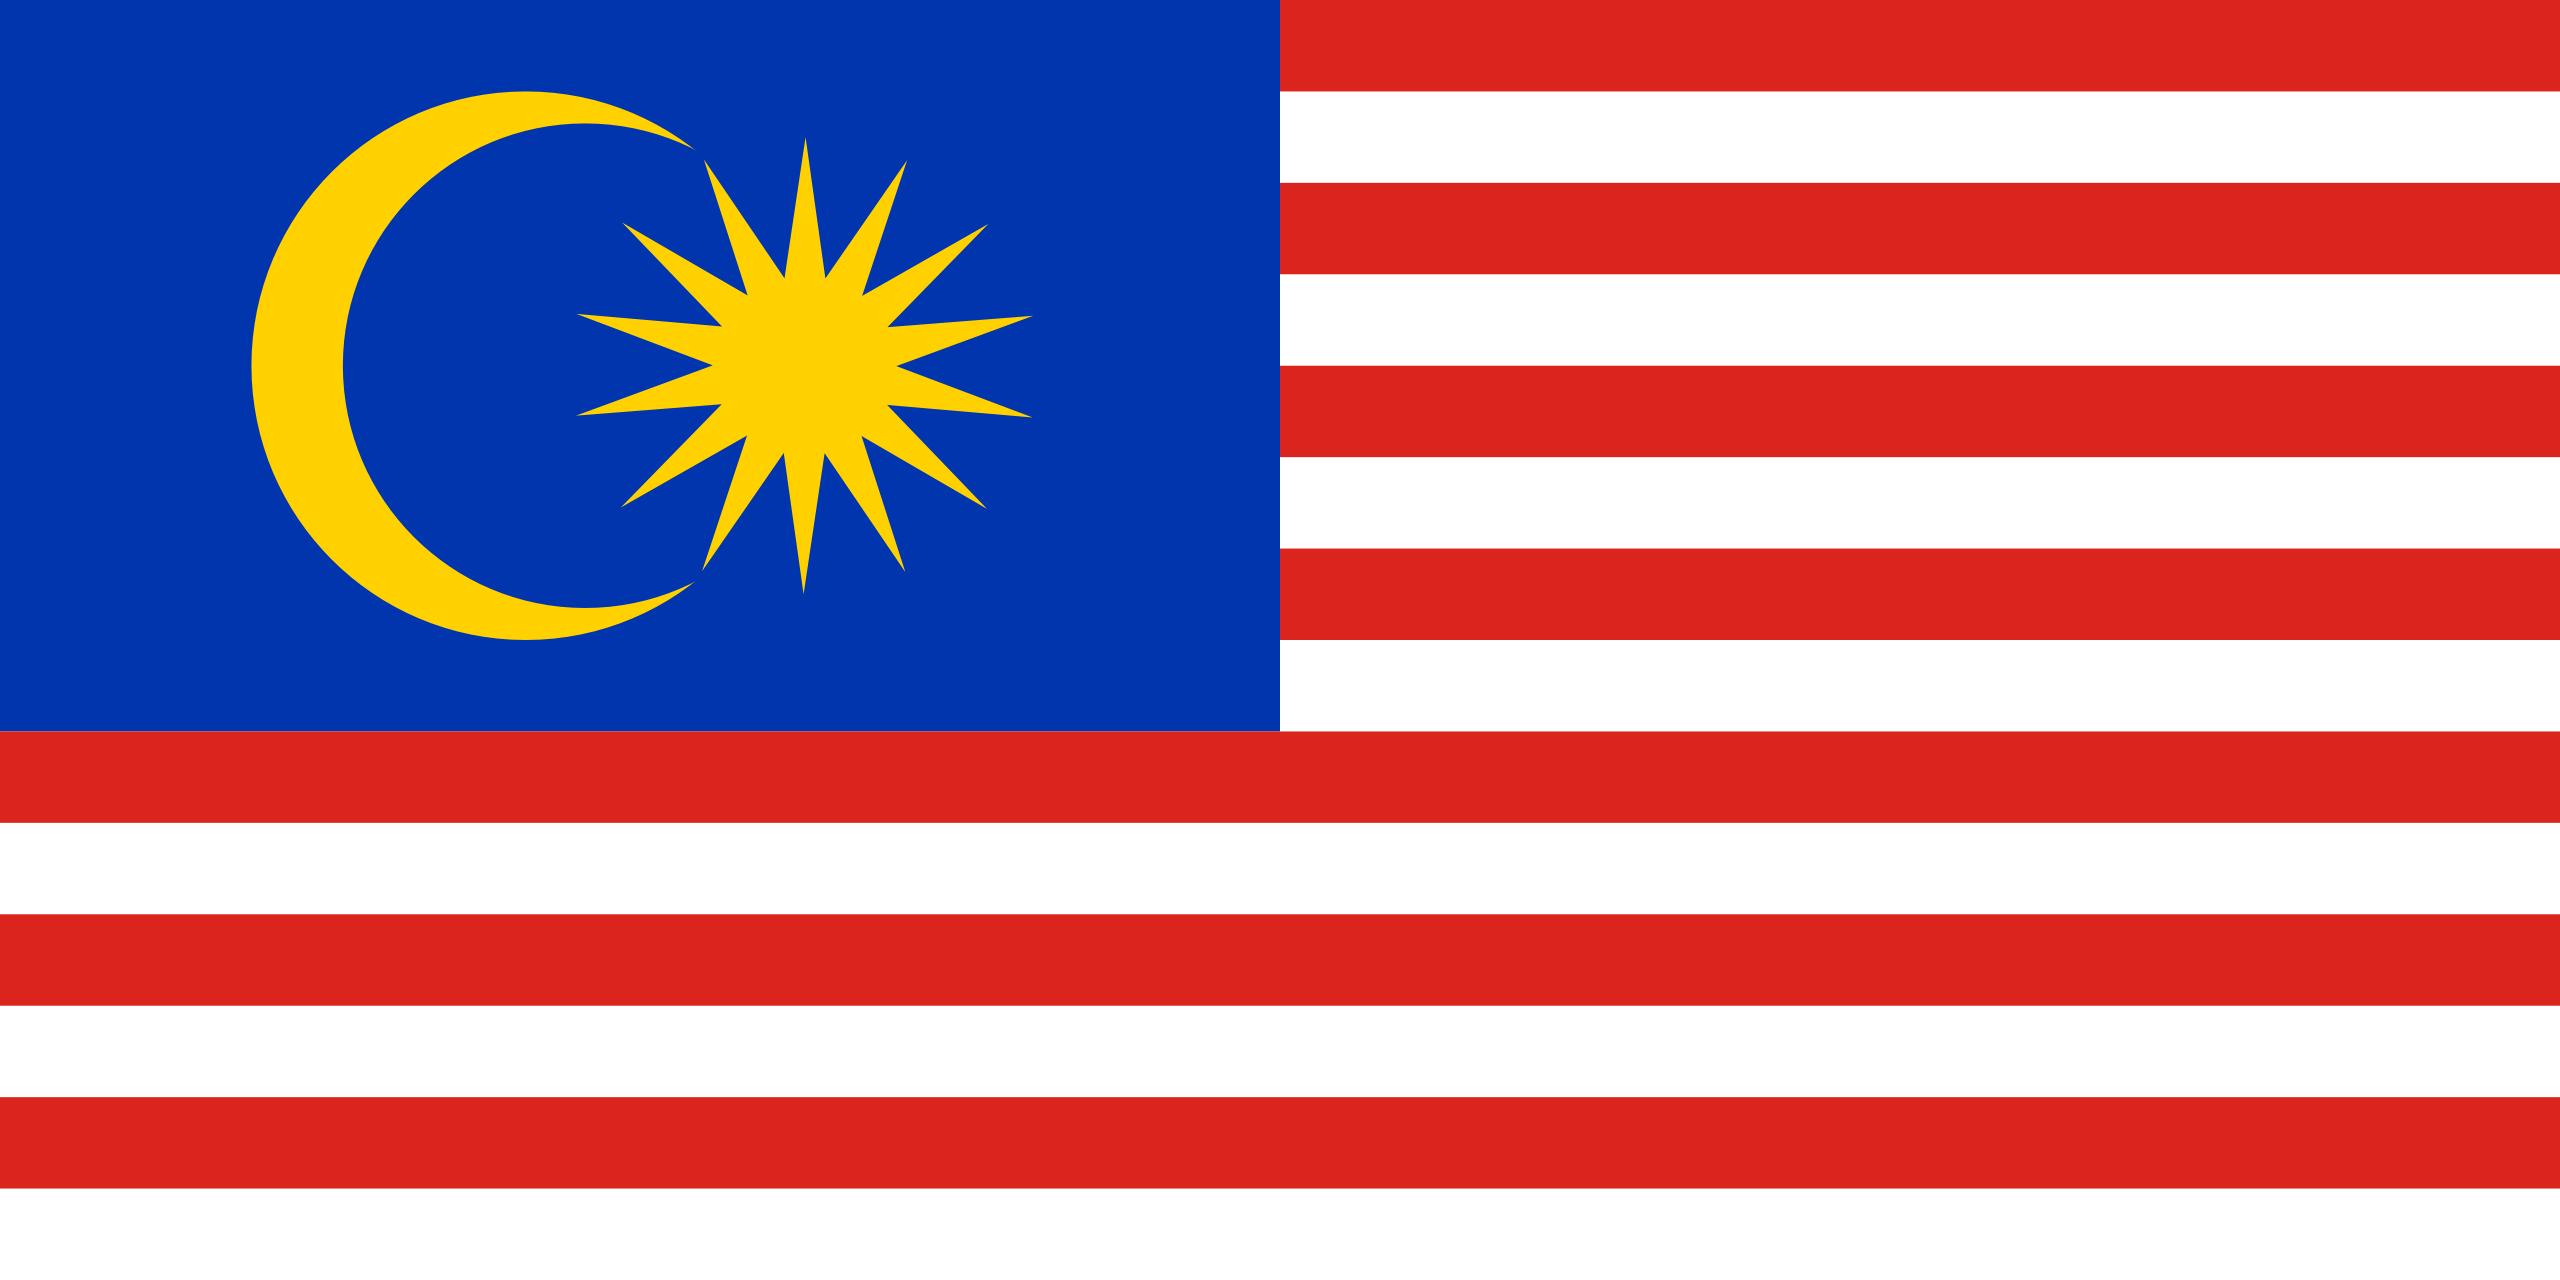 Malaisie, pays, emblème, logo, symbole - Fonds d'écran HD - Professor-falken.com